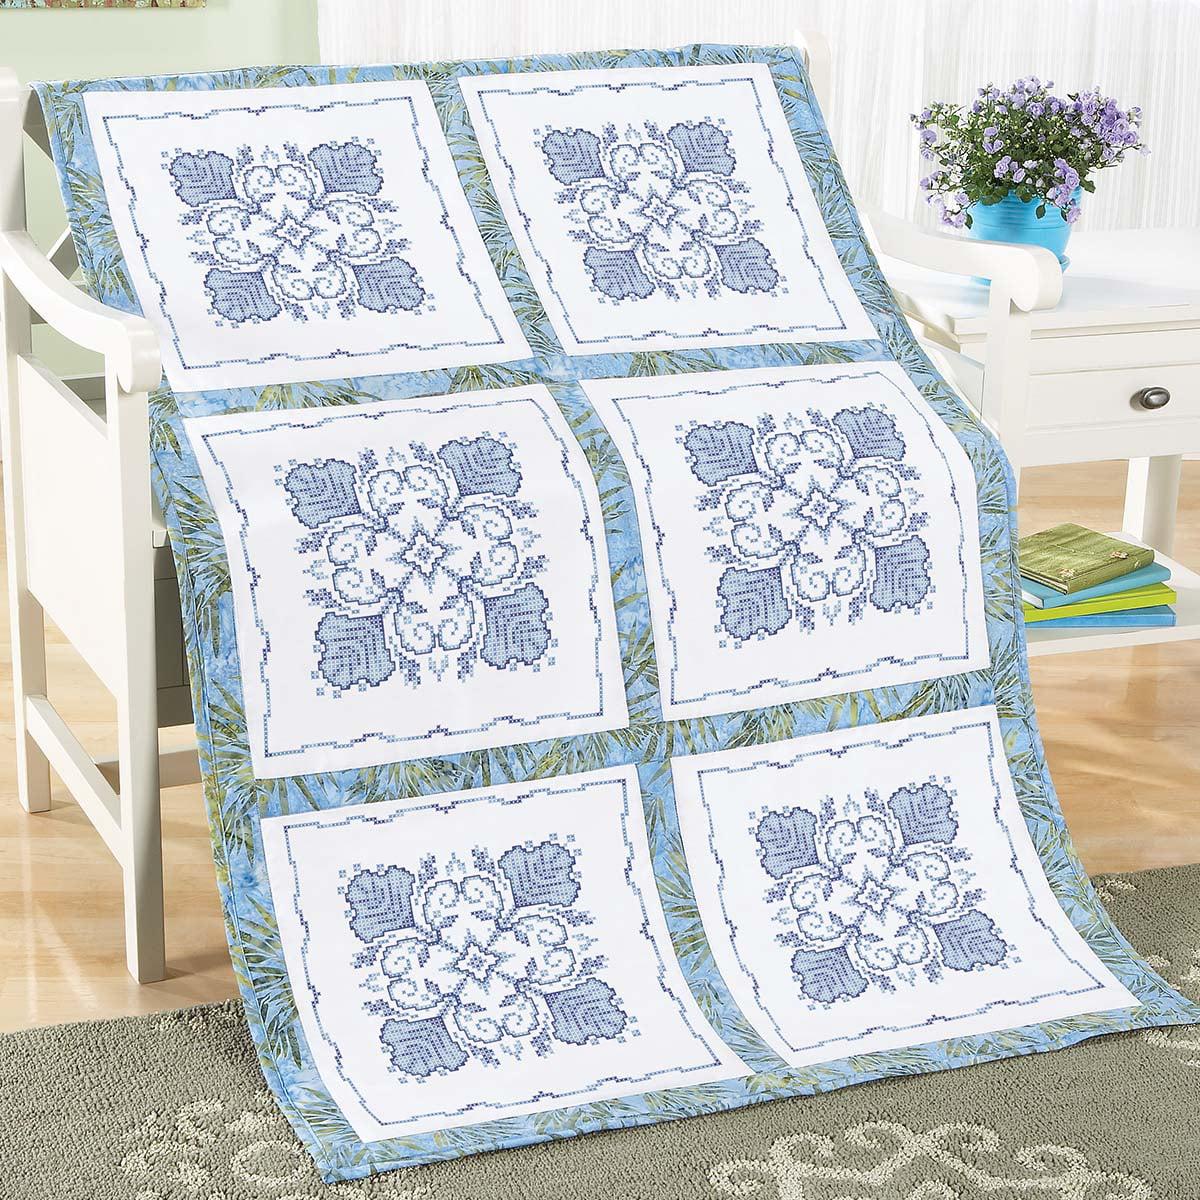 Herrschners® Azure Dreams Quilt Blocks Stamped Cross-Stitch